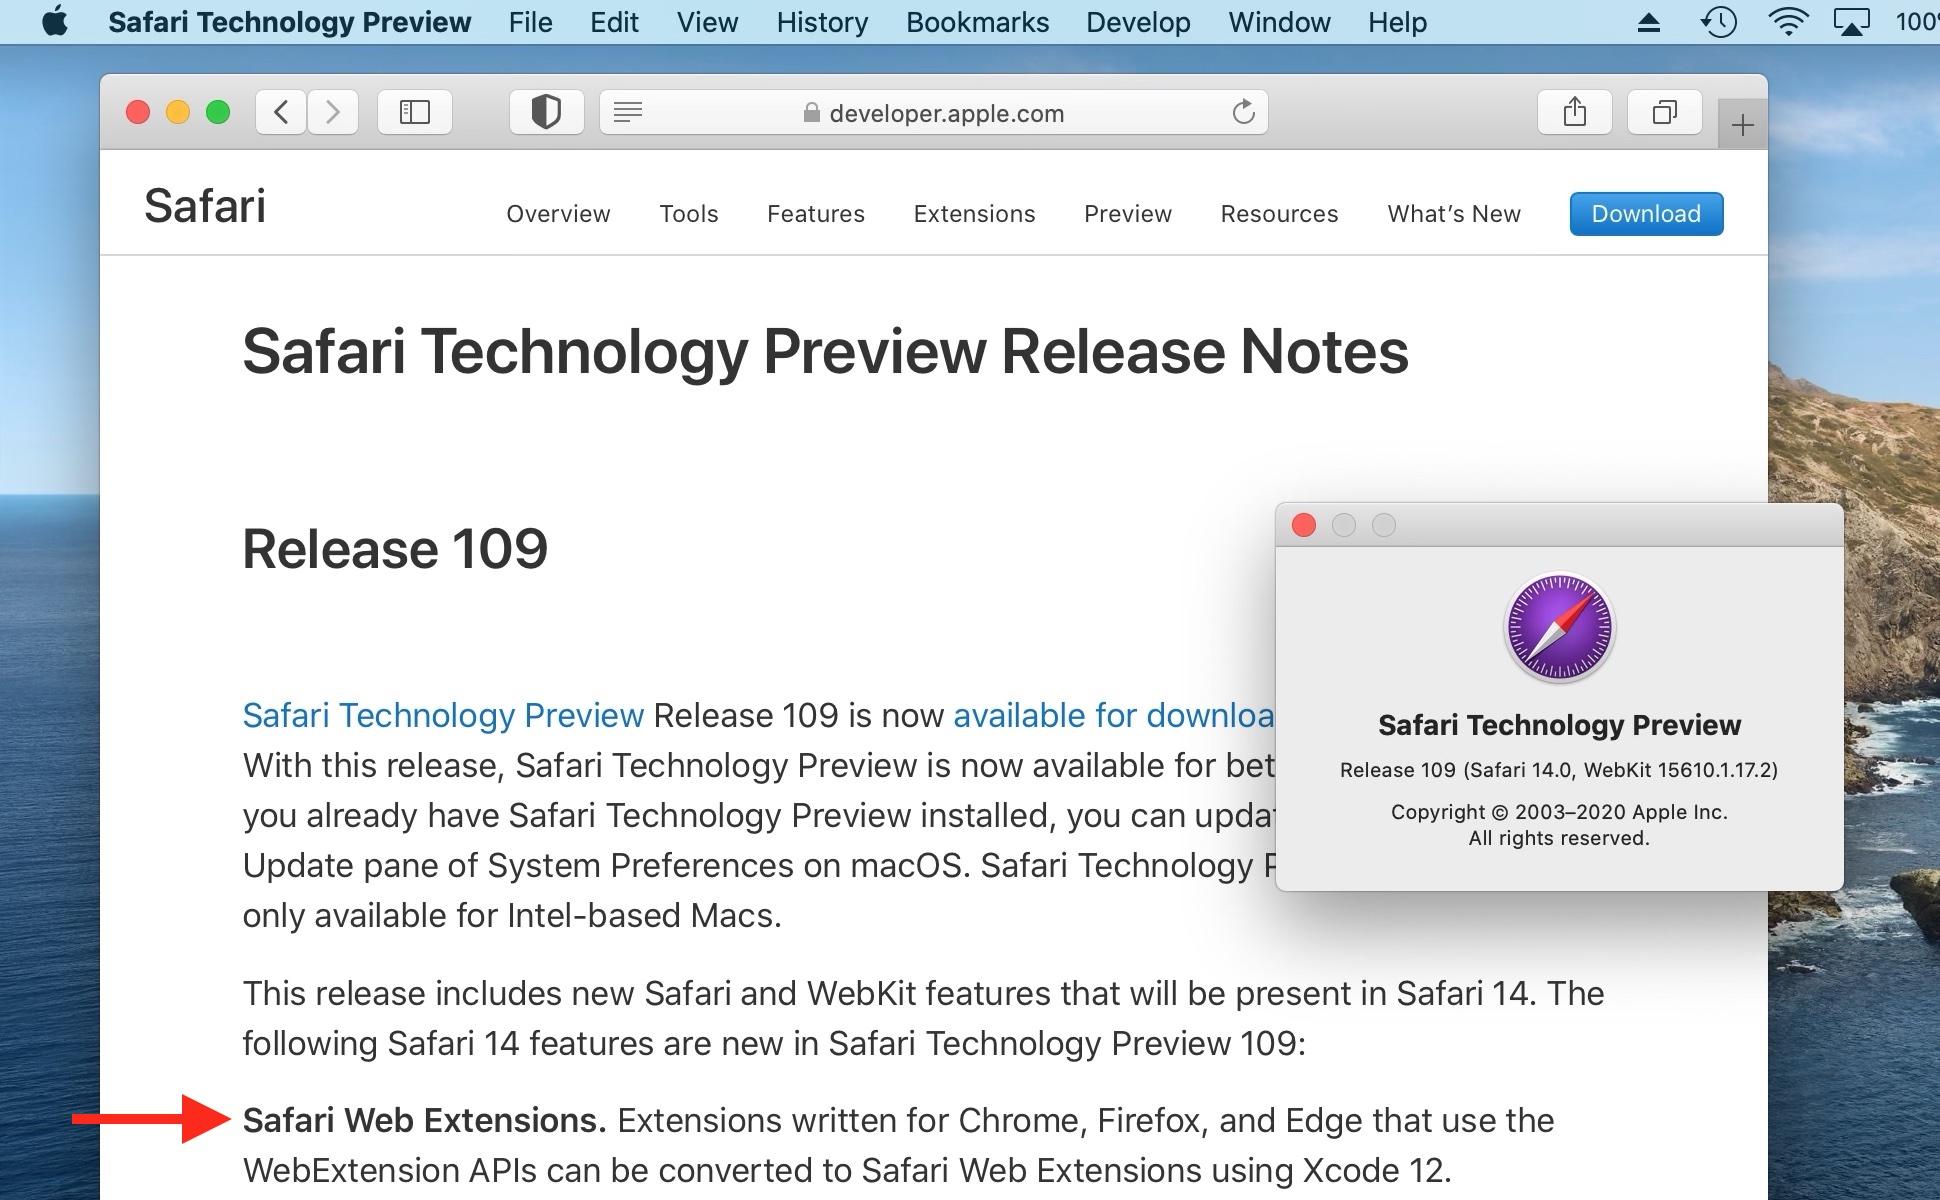 Safari Technology Preview 109